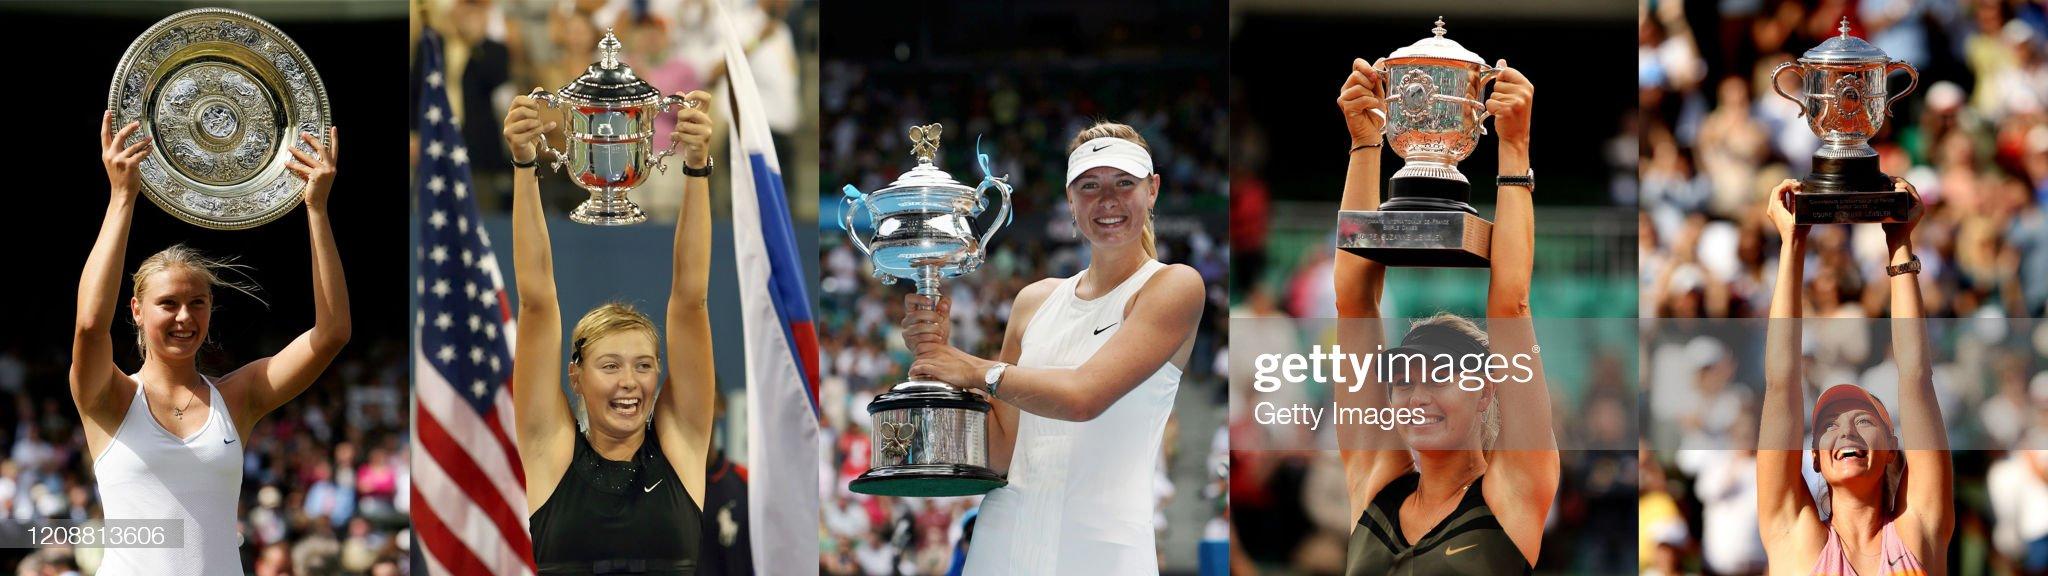 In Profile: Maria Sharapova's Grand Slam Wins : News Photo